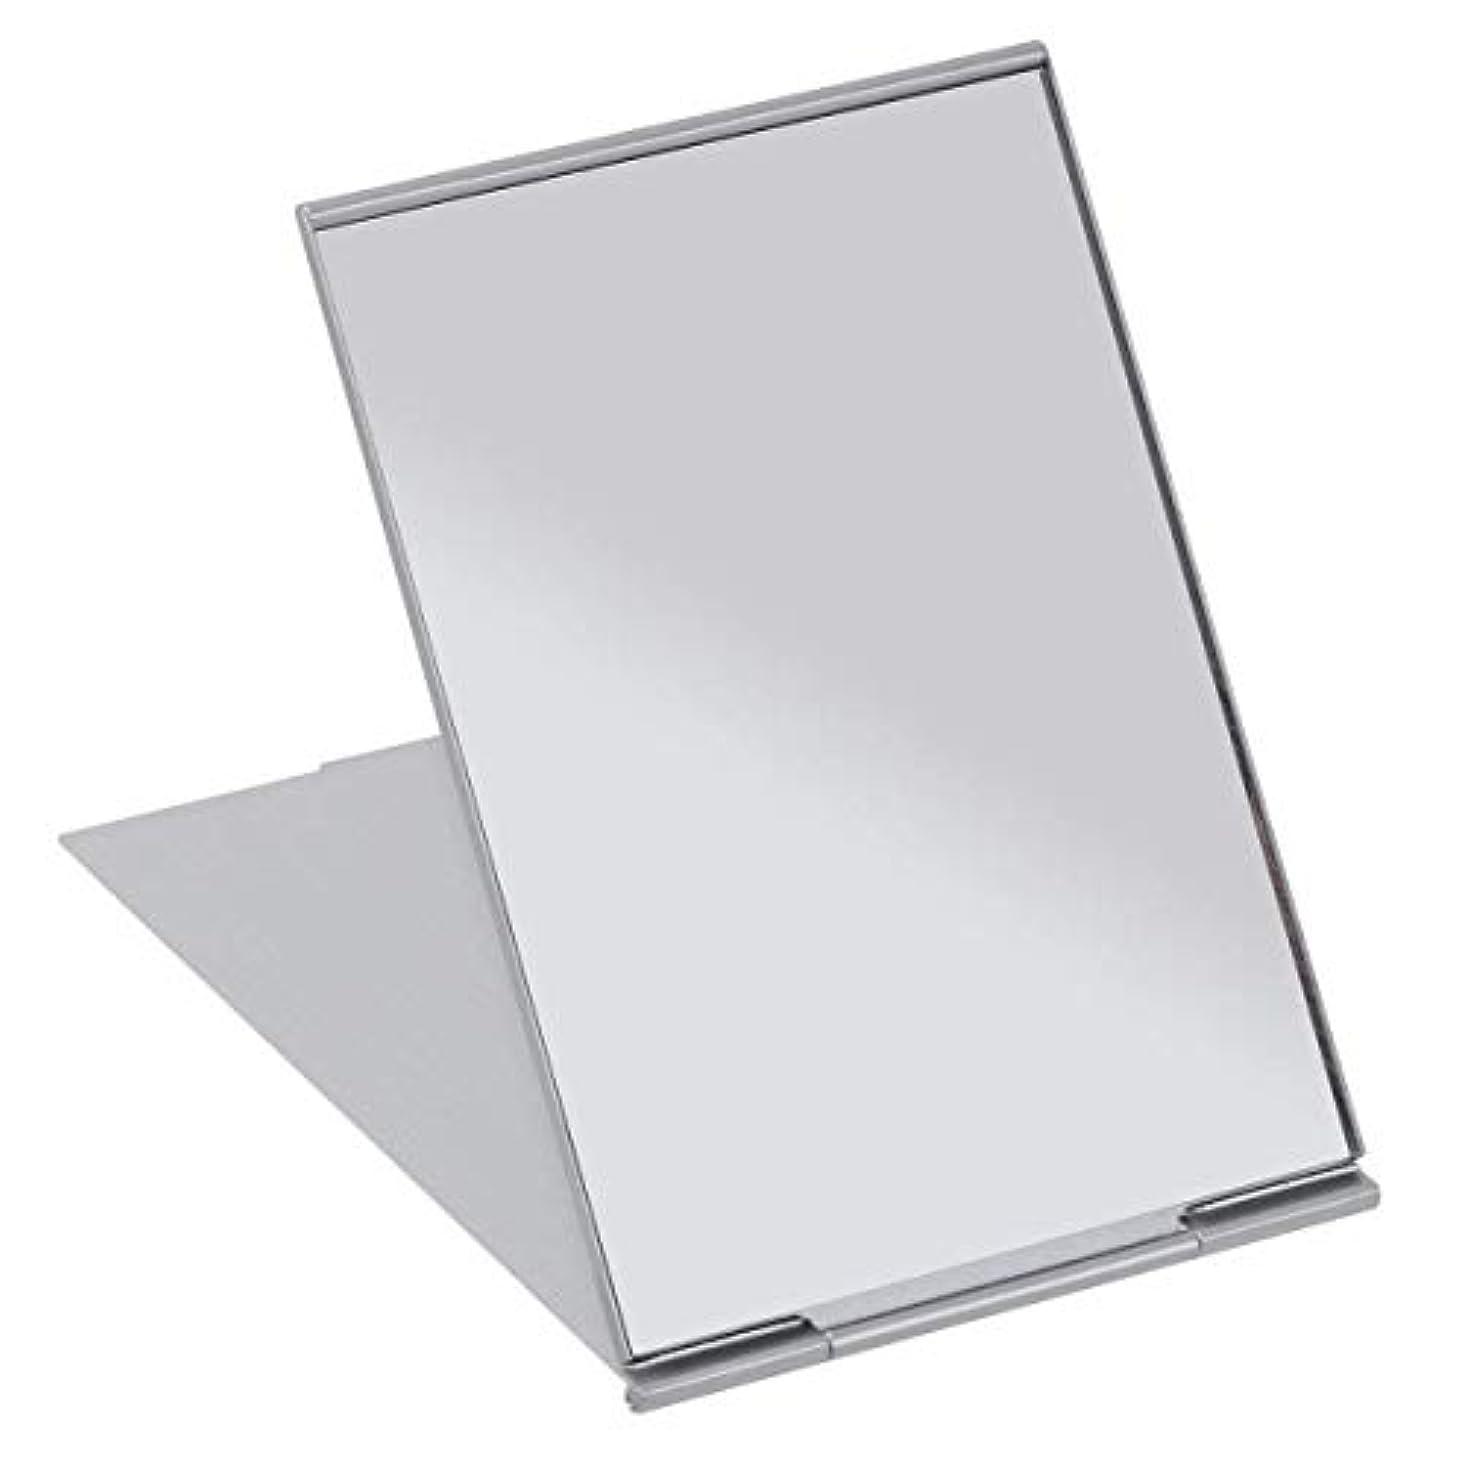 バックアップ裁判所セブンSALOCY コンパクトミラー モデル折立ミラー 化粧鏡 携帯ミラー 11.5*8cm 持ち運びに便利